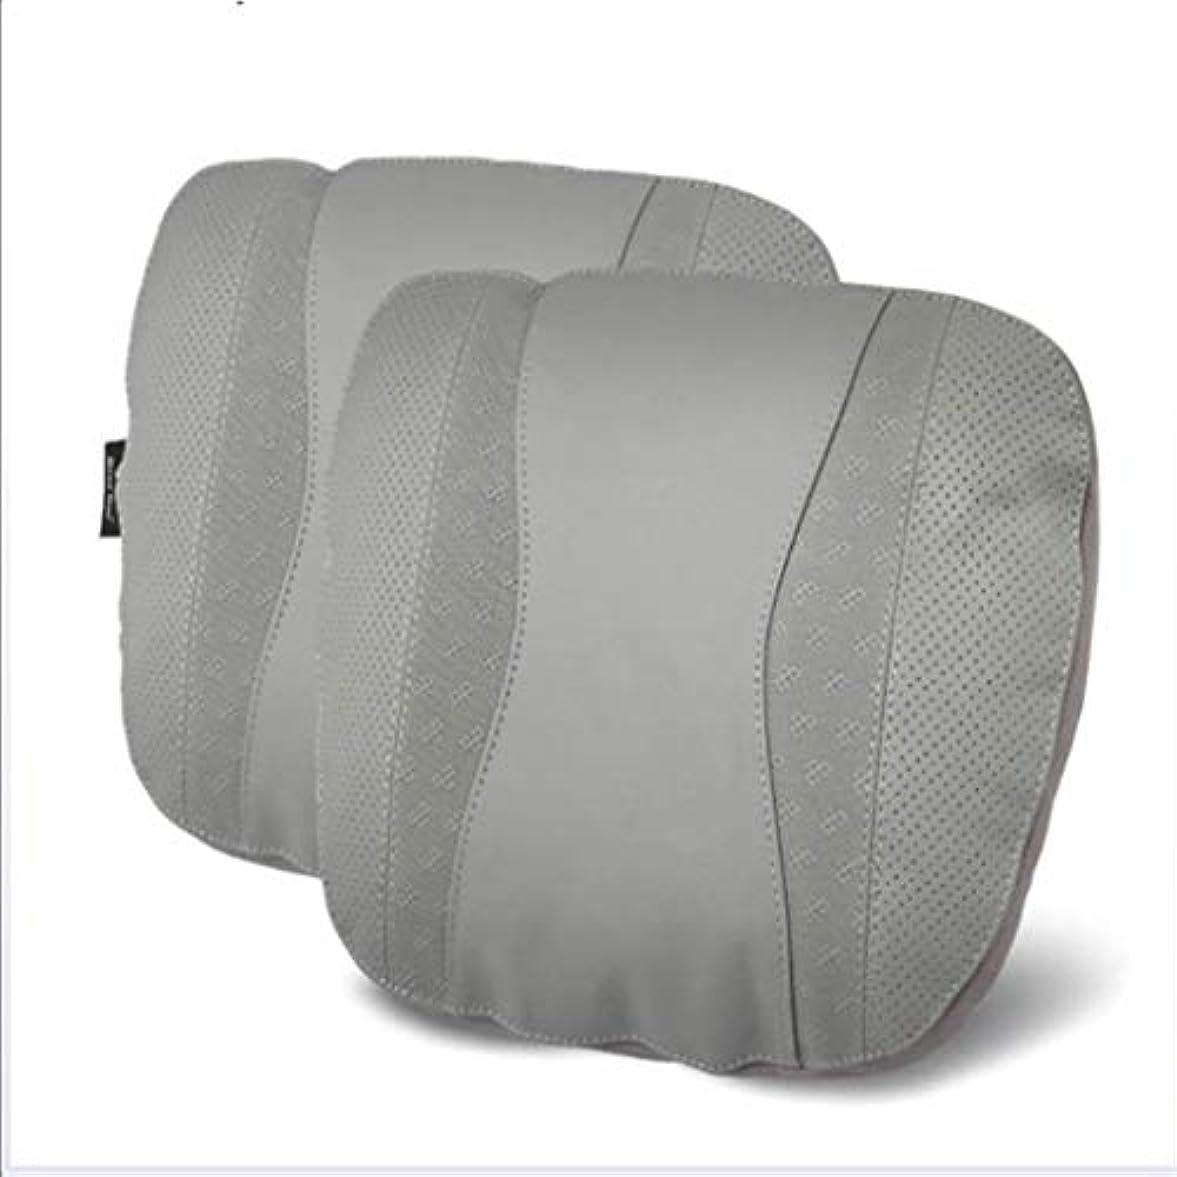 粘り強いスプリット海洋のネックピロー、カーシートネックピロー、トラベルピローネックパッド、カーネックピローサポートピローとして使用、航空機のネックピロー、首の疲れを和らげる (Color : Gray)